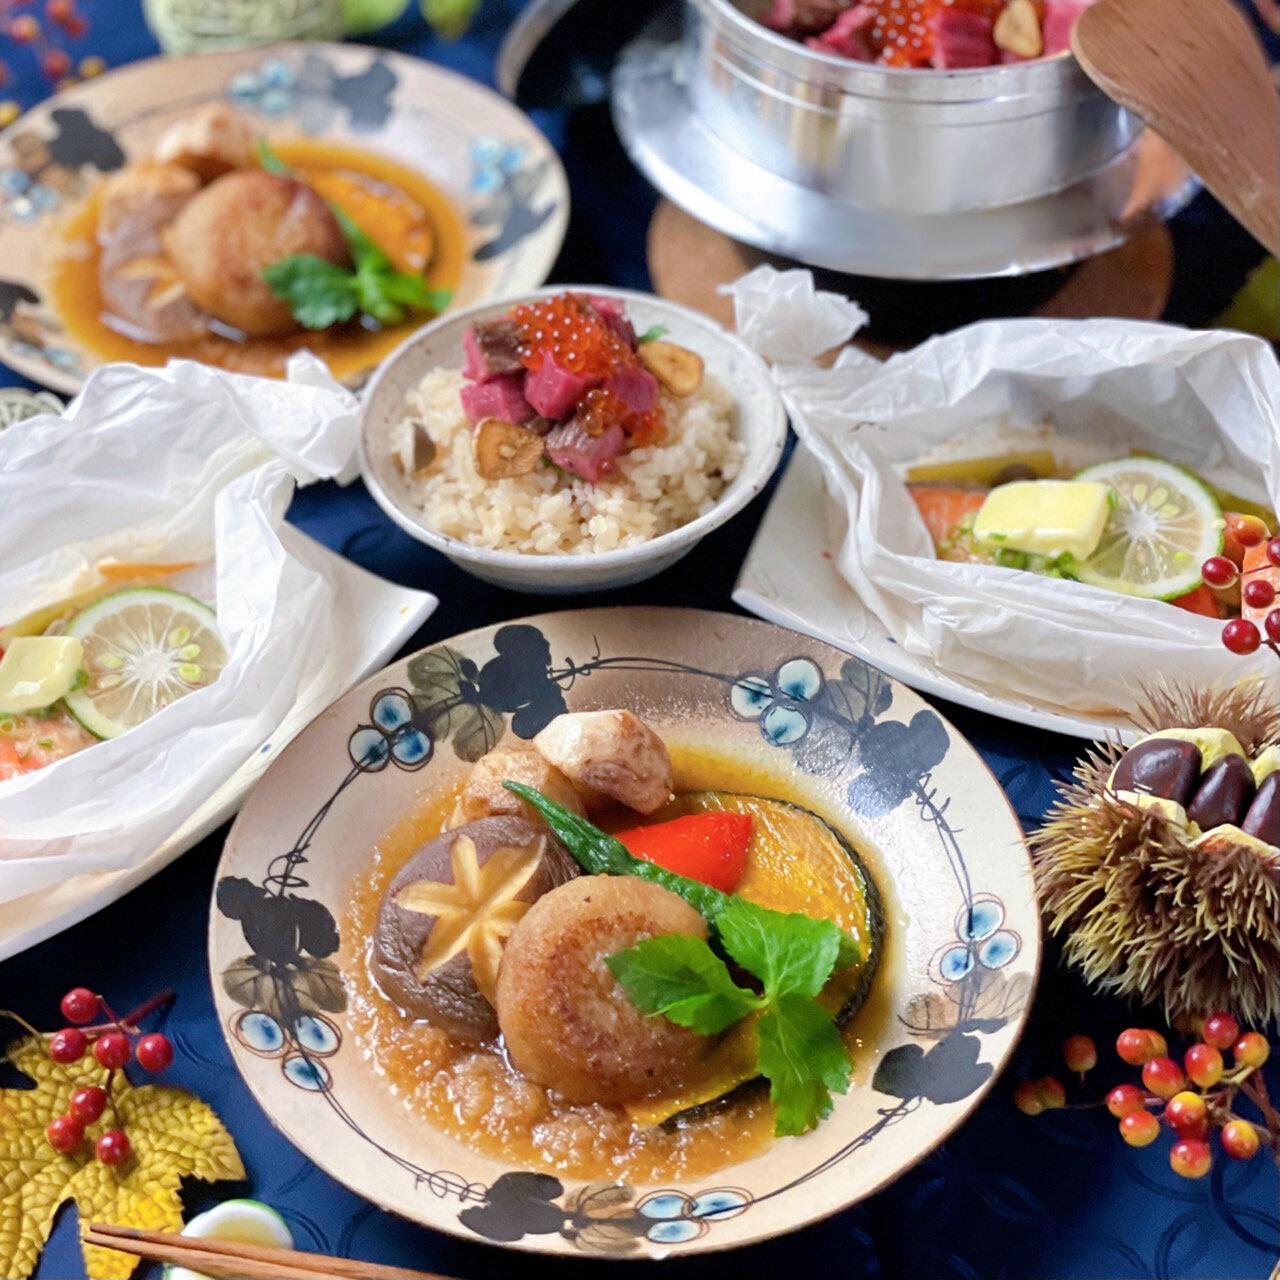 ちはなさんの「秋のおもてなし和食レシピ」インスタライブ